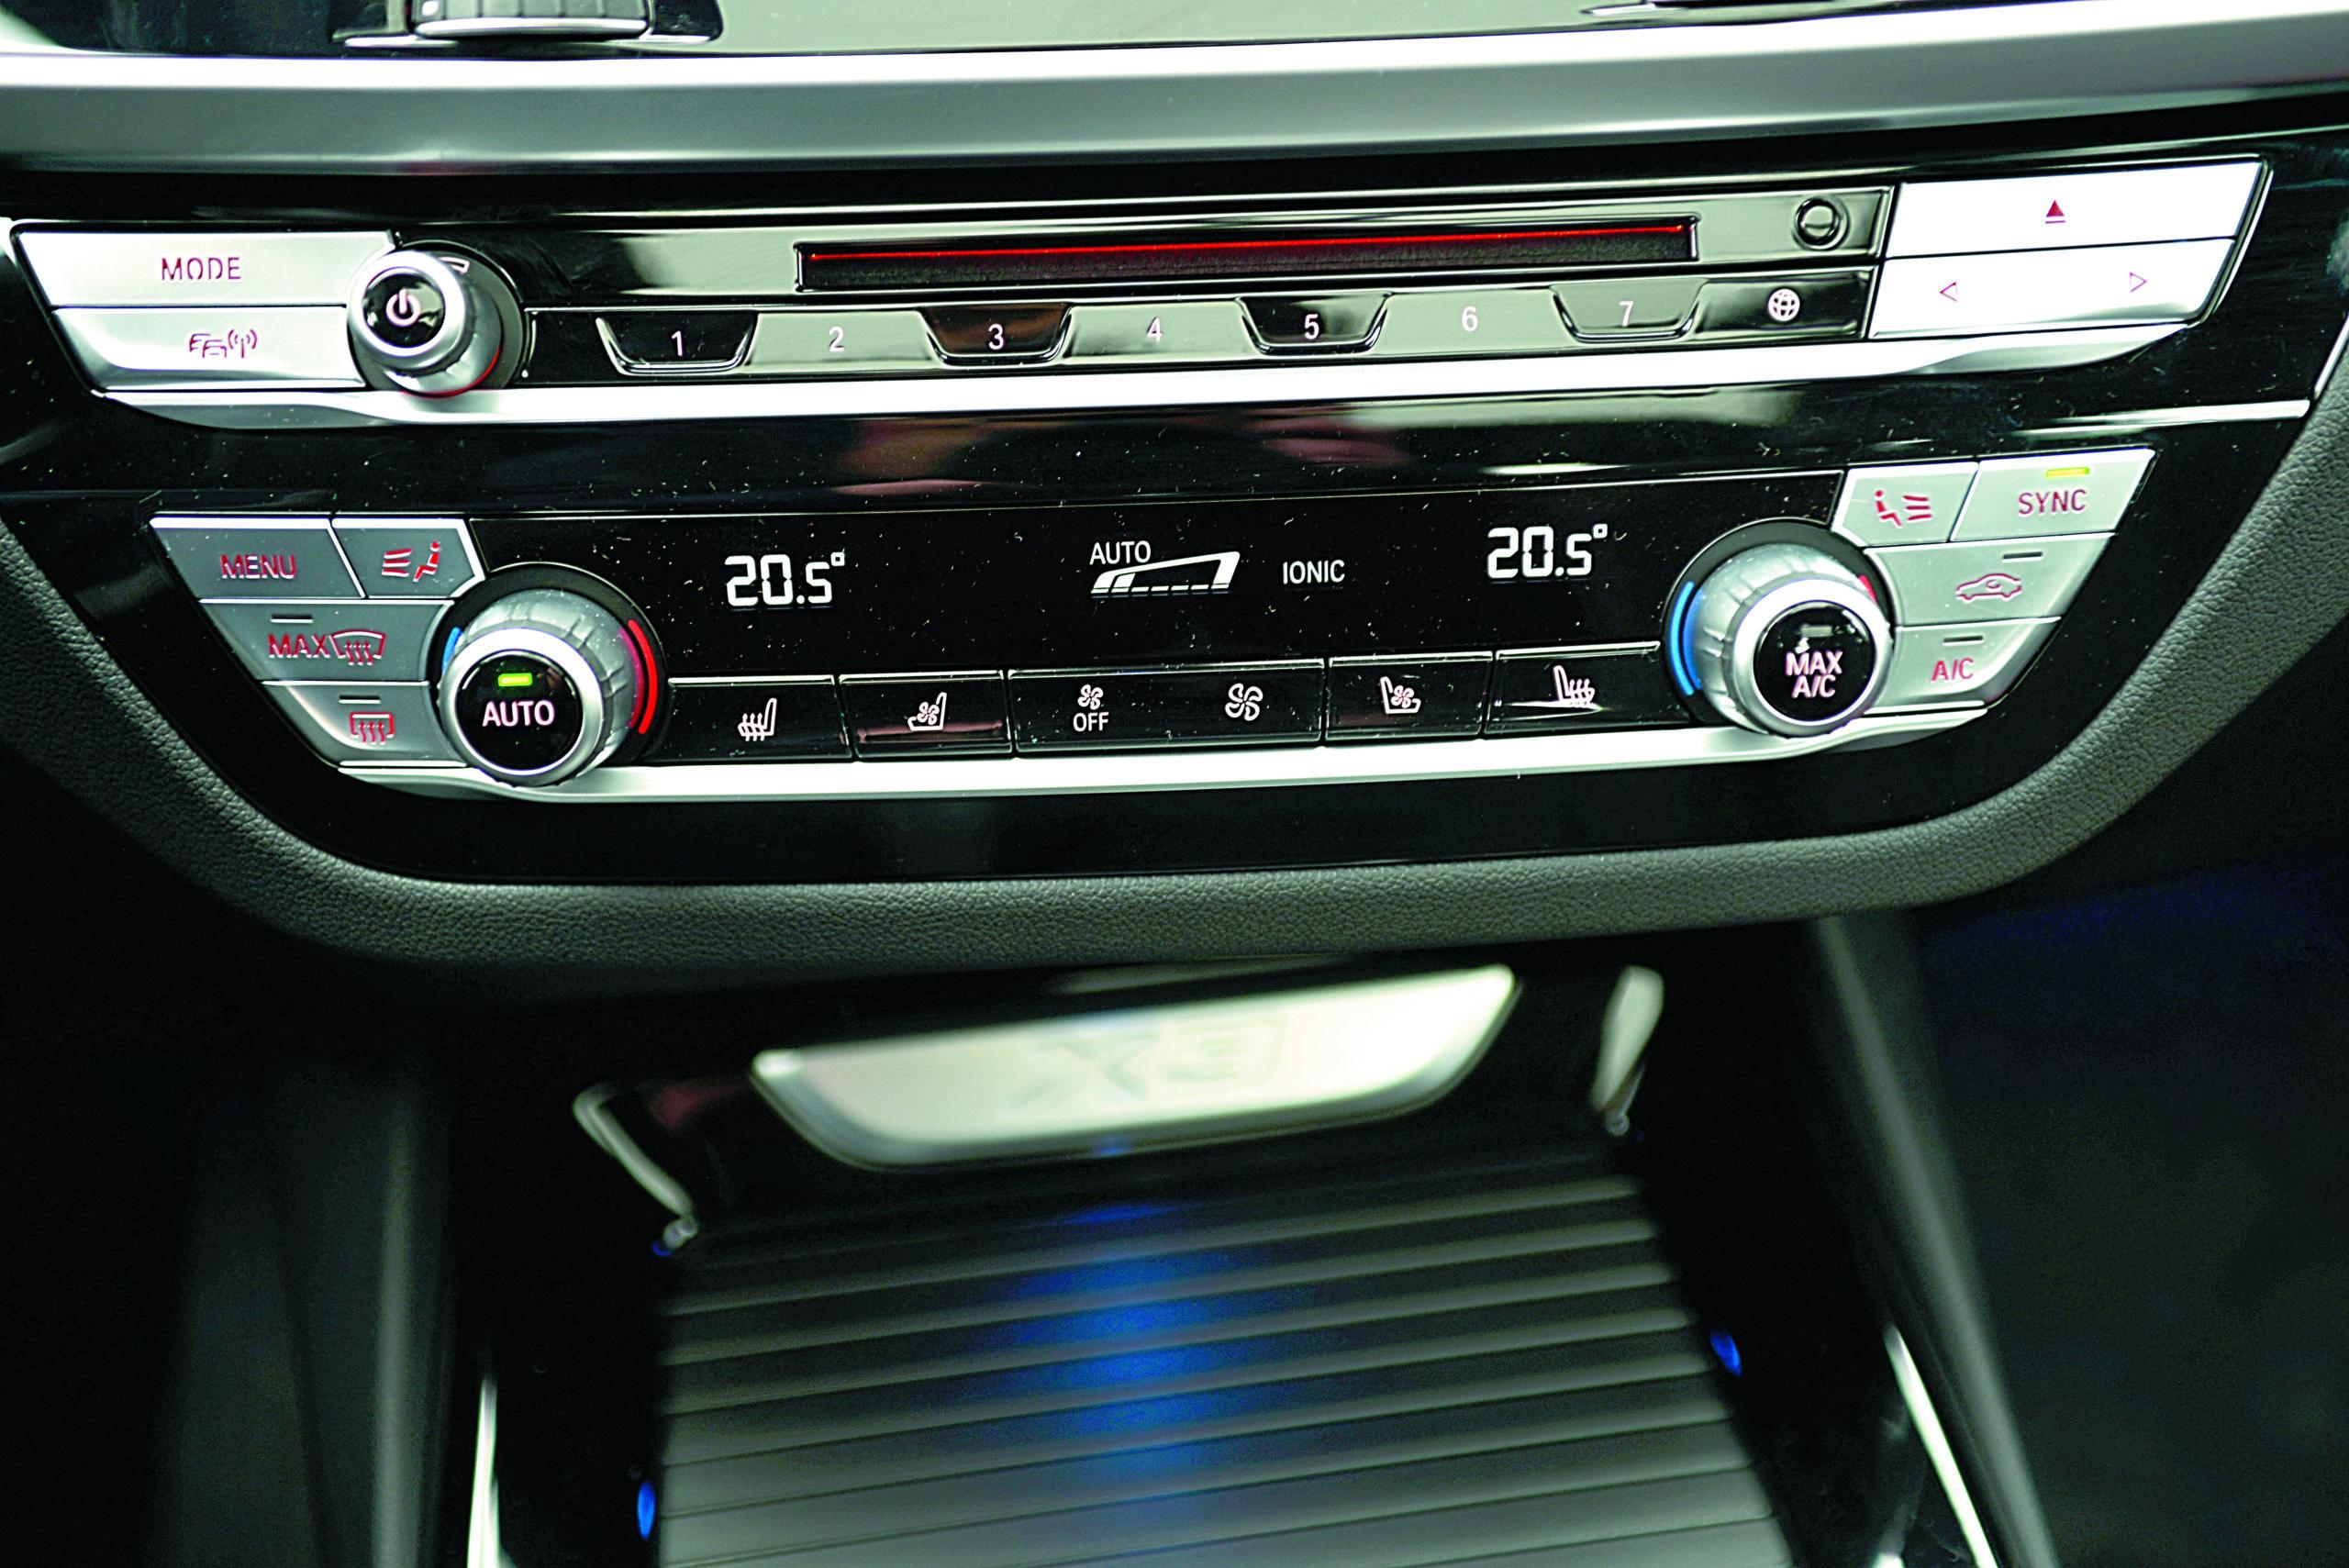 BMW-X3-30d-G01-panel audio i klimatyzacji